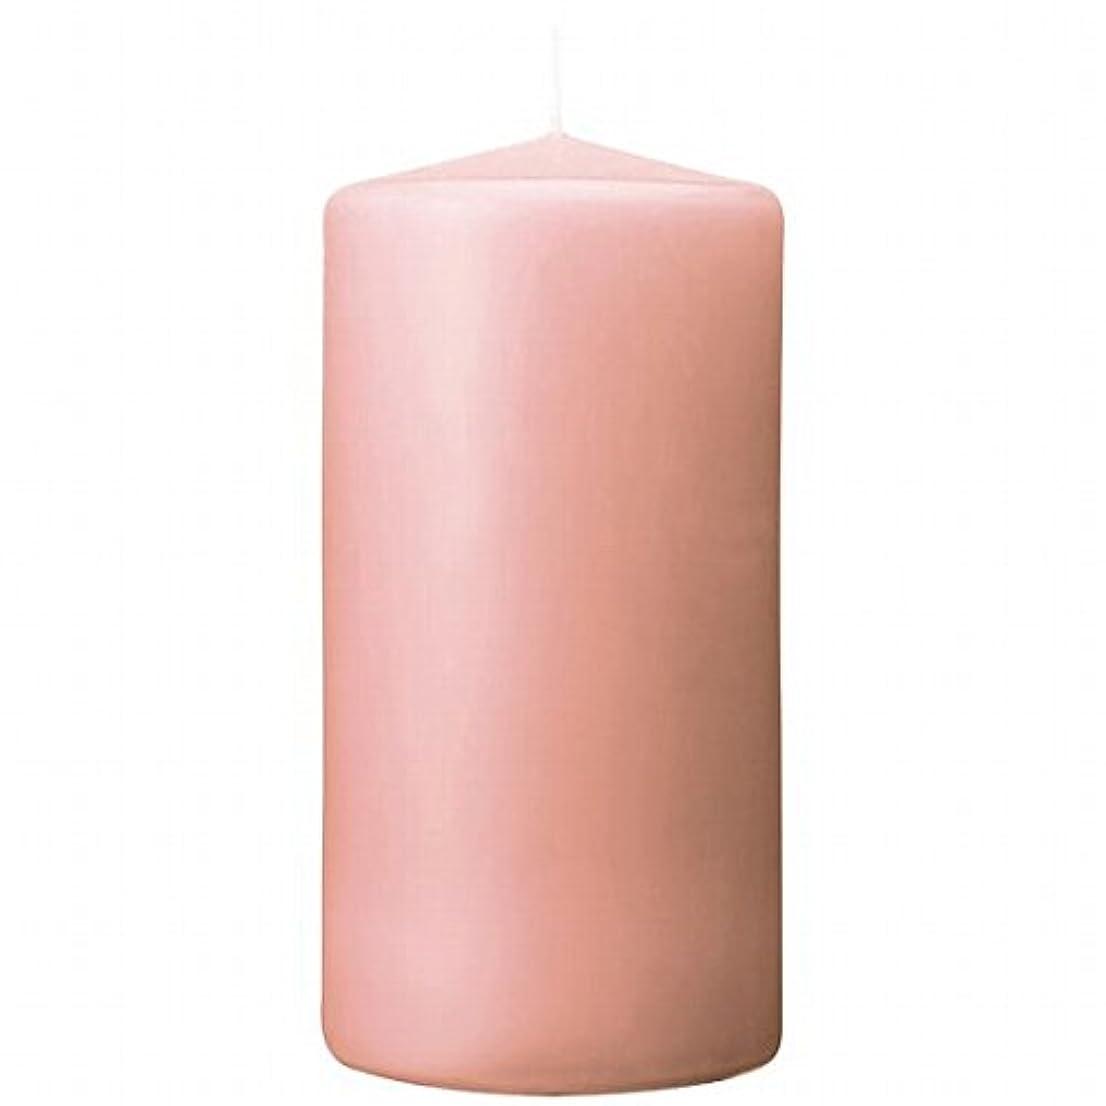 ハック連結するシャーロットブロンテカメヤマキャンドル(kameyama candle) 3×6ベルトップピラーキャンドル 「 ピーチアンバ 」